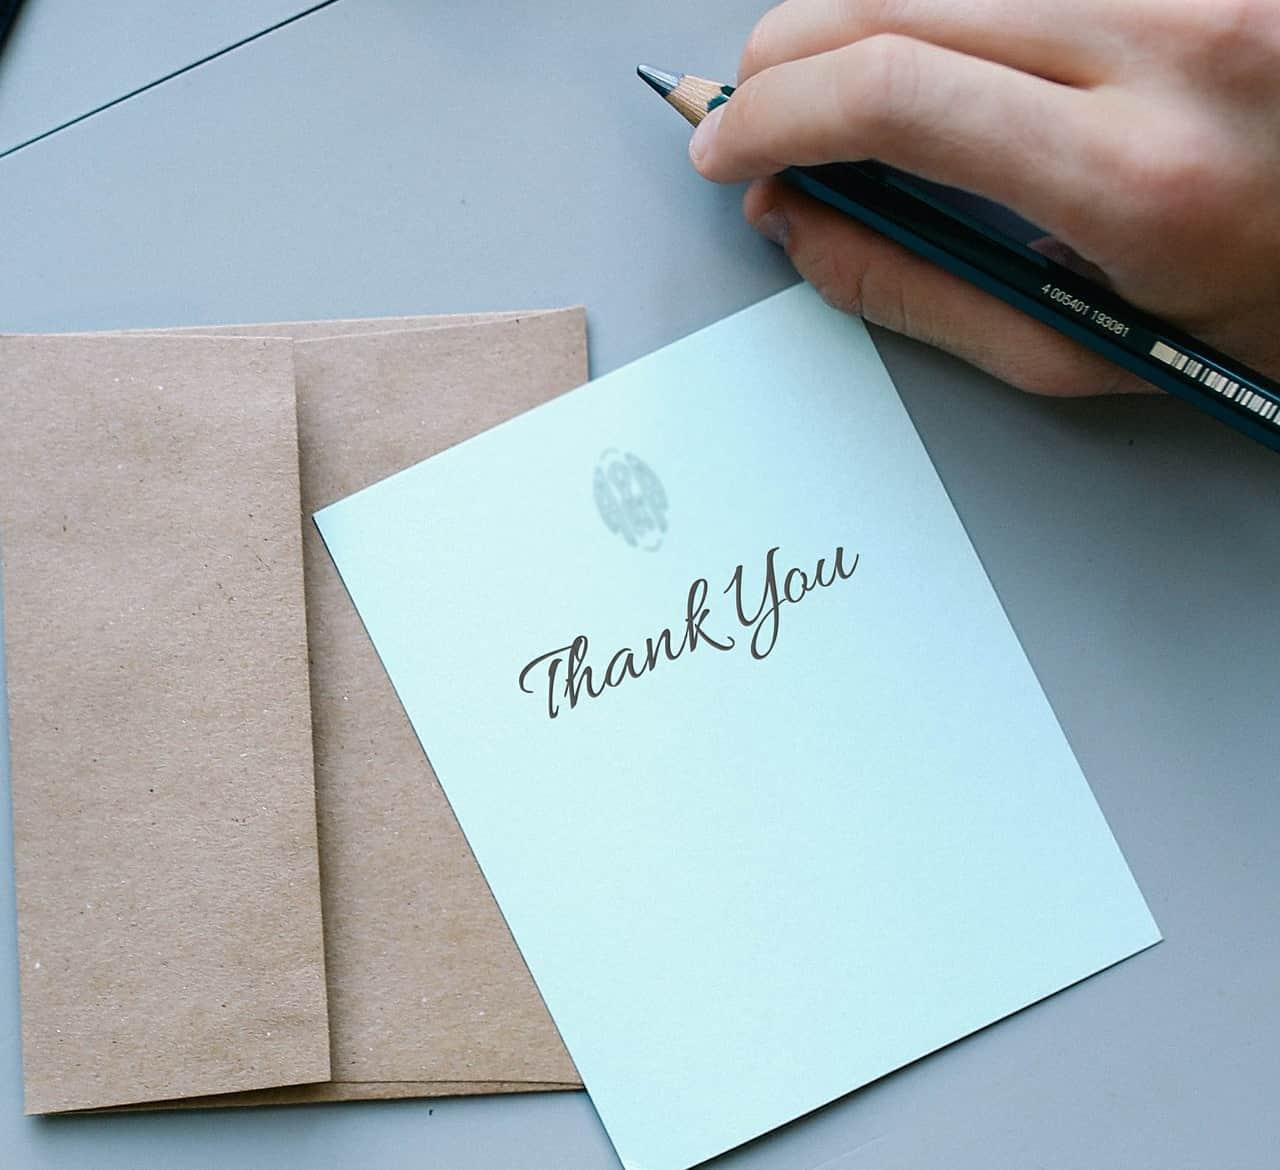 شهادات شكر وتقدير جاهزة وقابلة للتعديل 1442 وأنواعها وصياغة شهادات التقدير